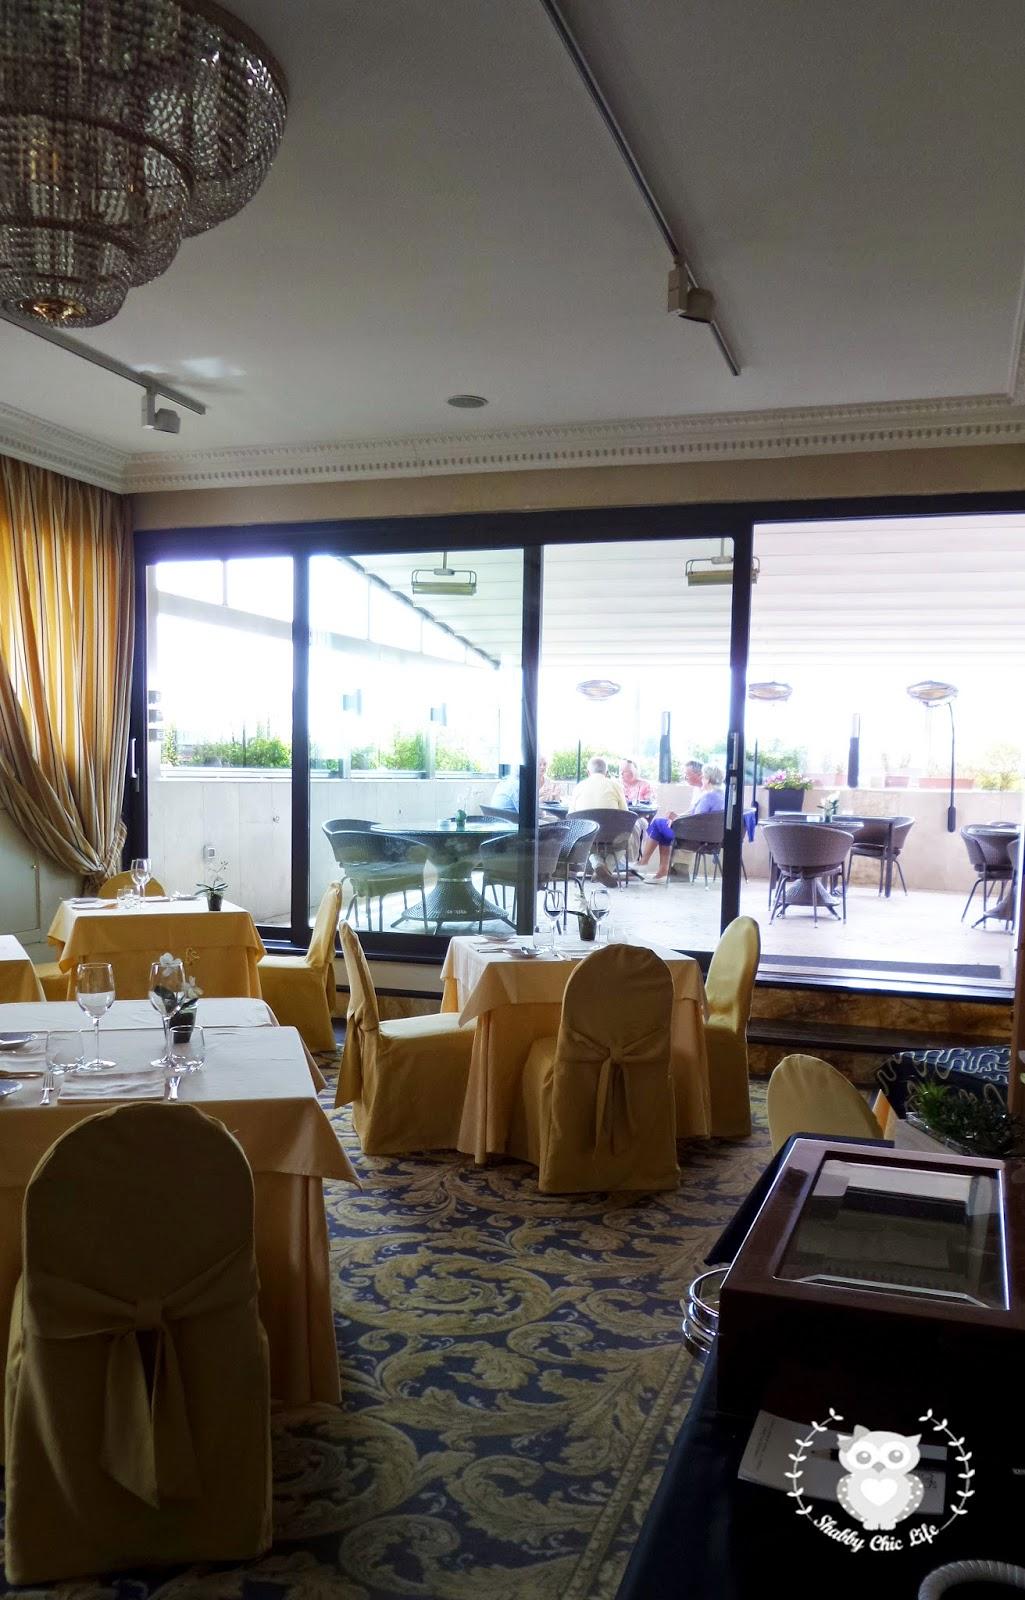 Hotel Savoy - Passione Shabby